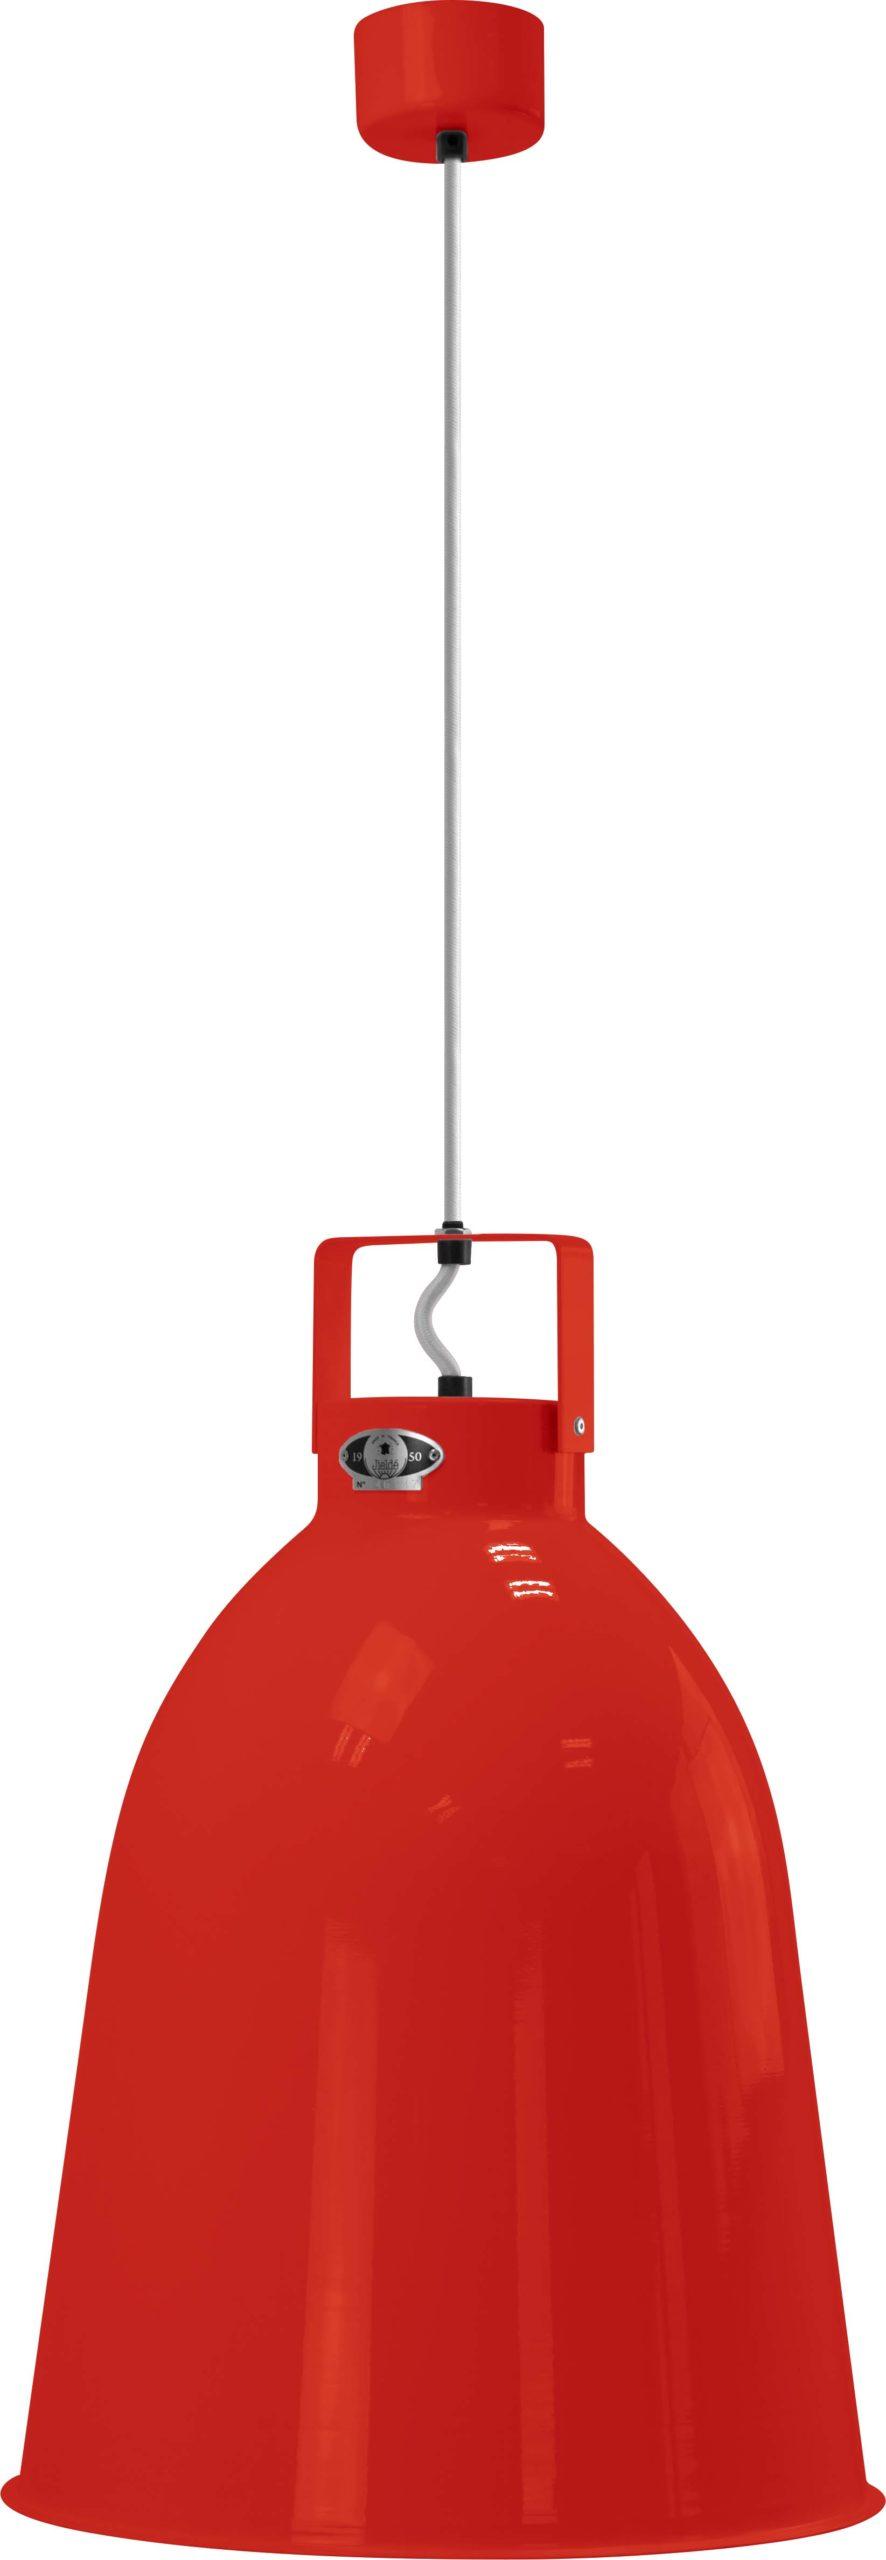 C360-6-rouge